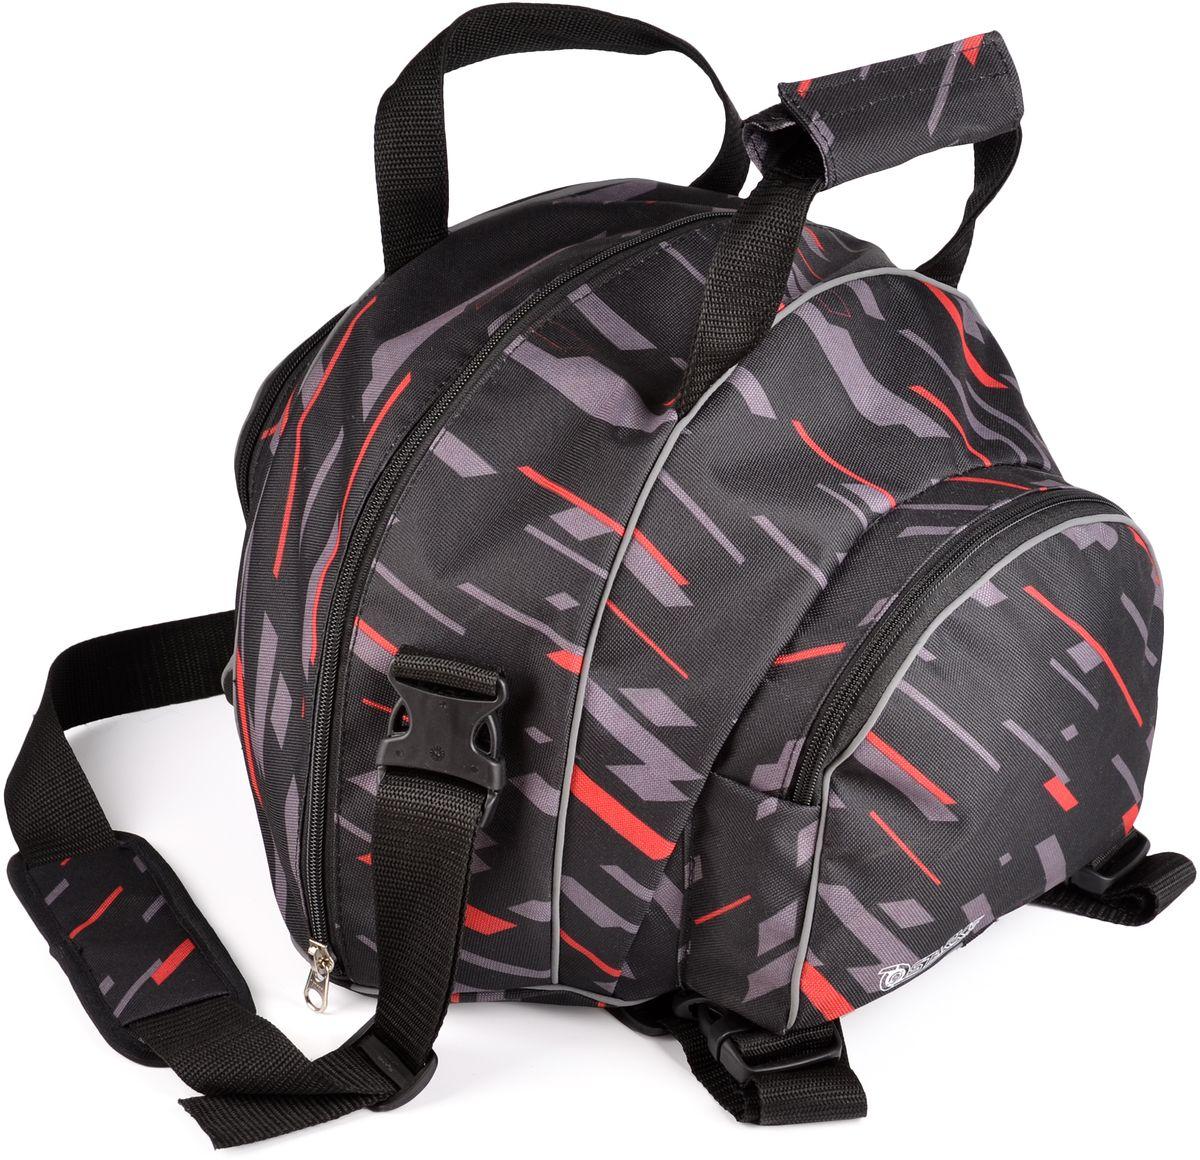 Сумка для переноски шлема Starks, цвет: серыйЛЦ0046Водонепроницаемая сумка Starks предназначена для переноски стандартного шлема, без козырька (если он не снимается). Имеет удобную, отстегивающуюся лямку через плечо. Дополнительные карманы по бокам для переноски перчаток, подшлемников и другого. Сумка имеет функцию установки на пассажирское сиденье в роли центрального кофра для перевозки шлема или различных вещей. Светоотражающие элементы добавляют безопасности в темное время.